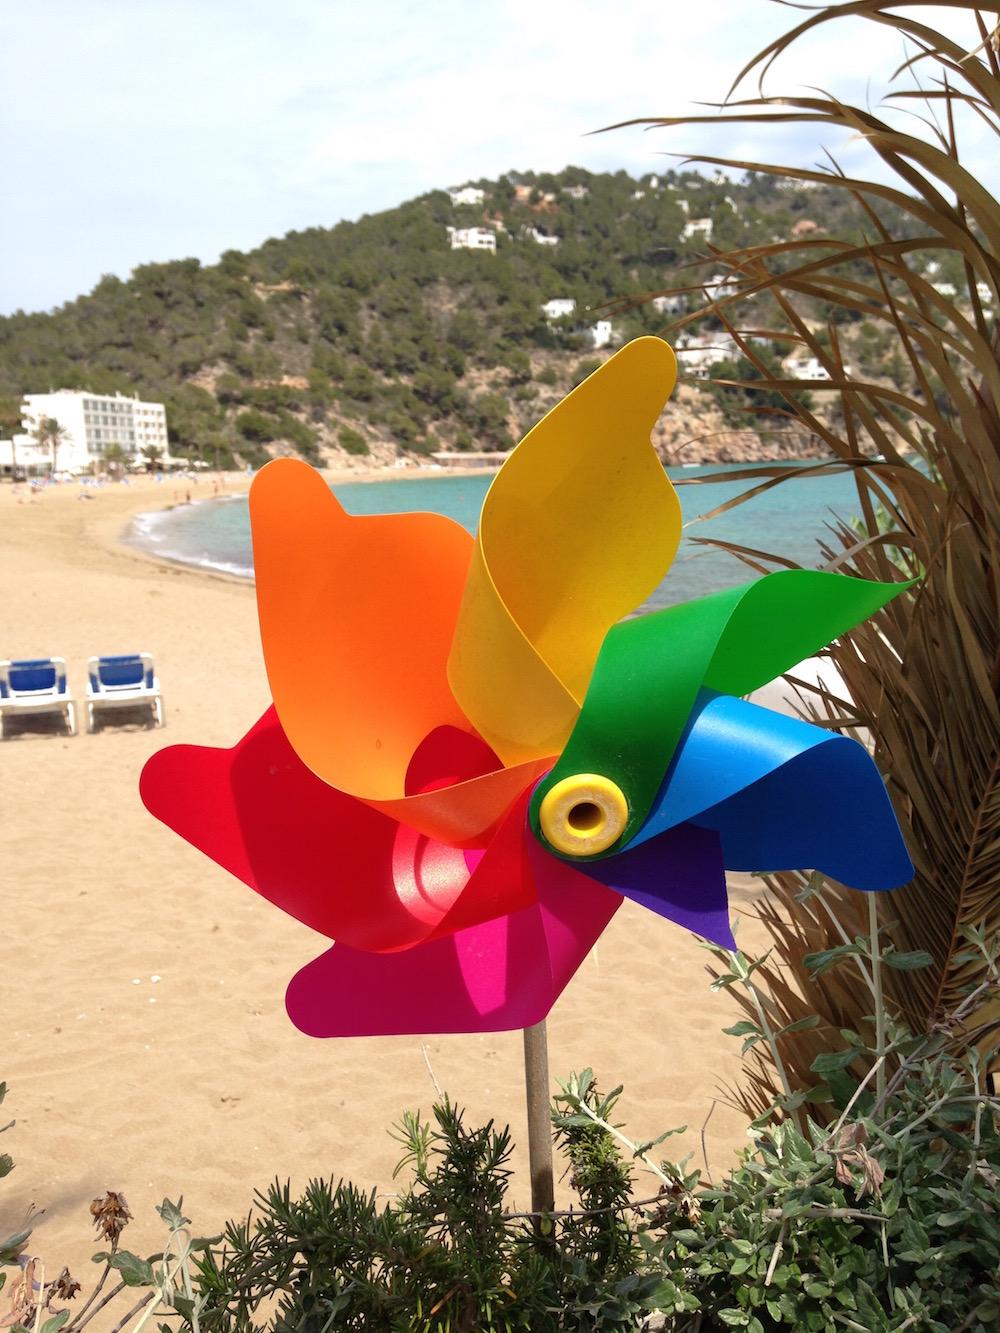 Badeurlaub für Gays: Die besten Reiseziele für schwule Männer